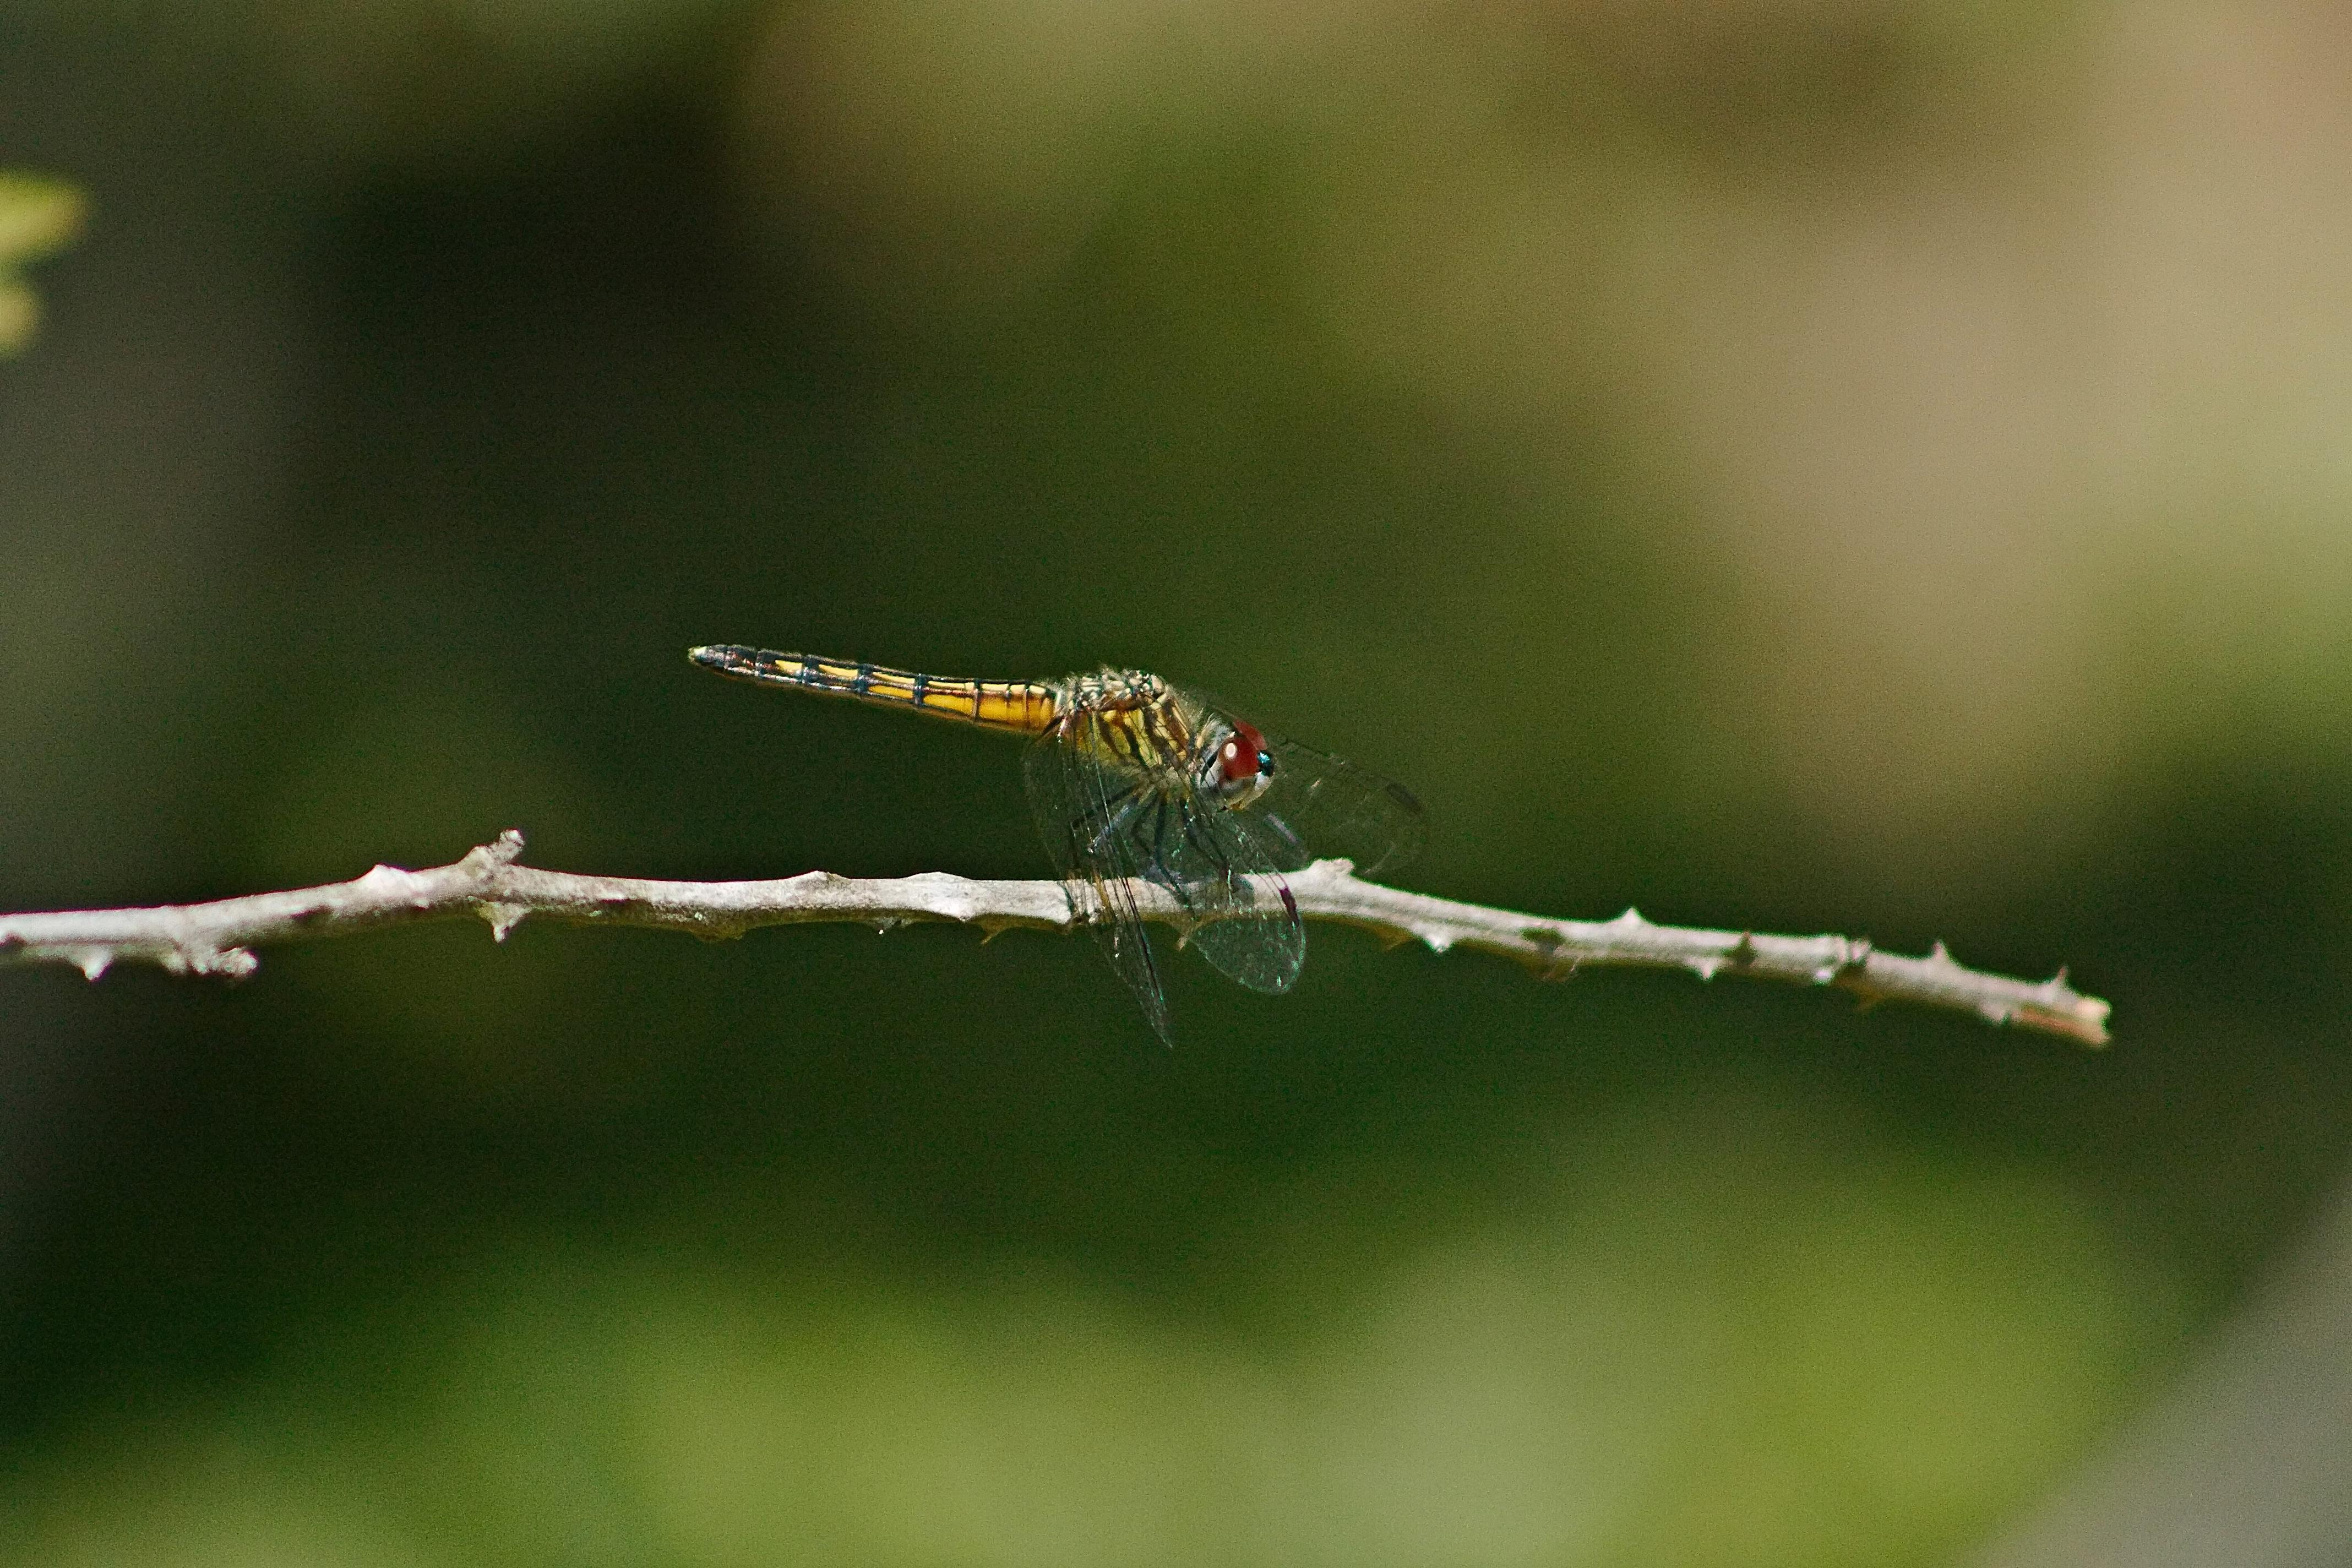 IMG_8855_v1_Dragonfly.jpg